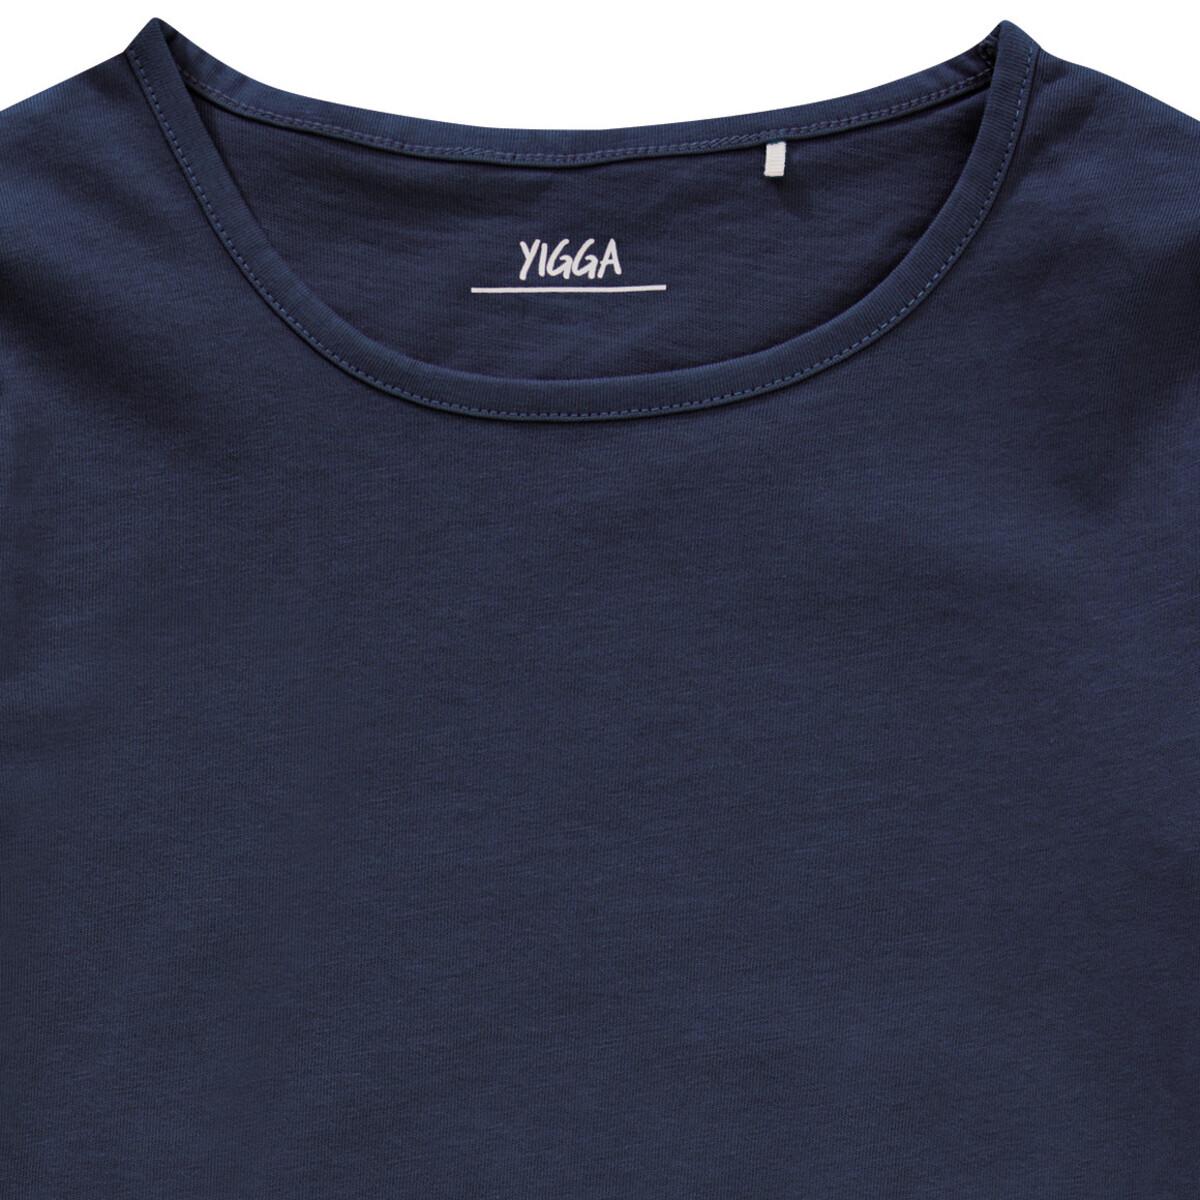 Bild 2 von Mädchen Langarmshirt im Basic-Look